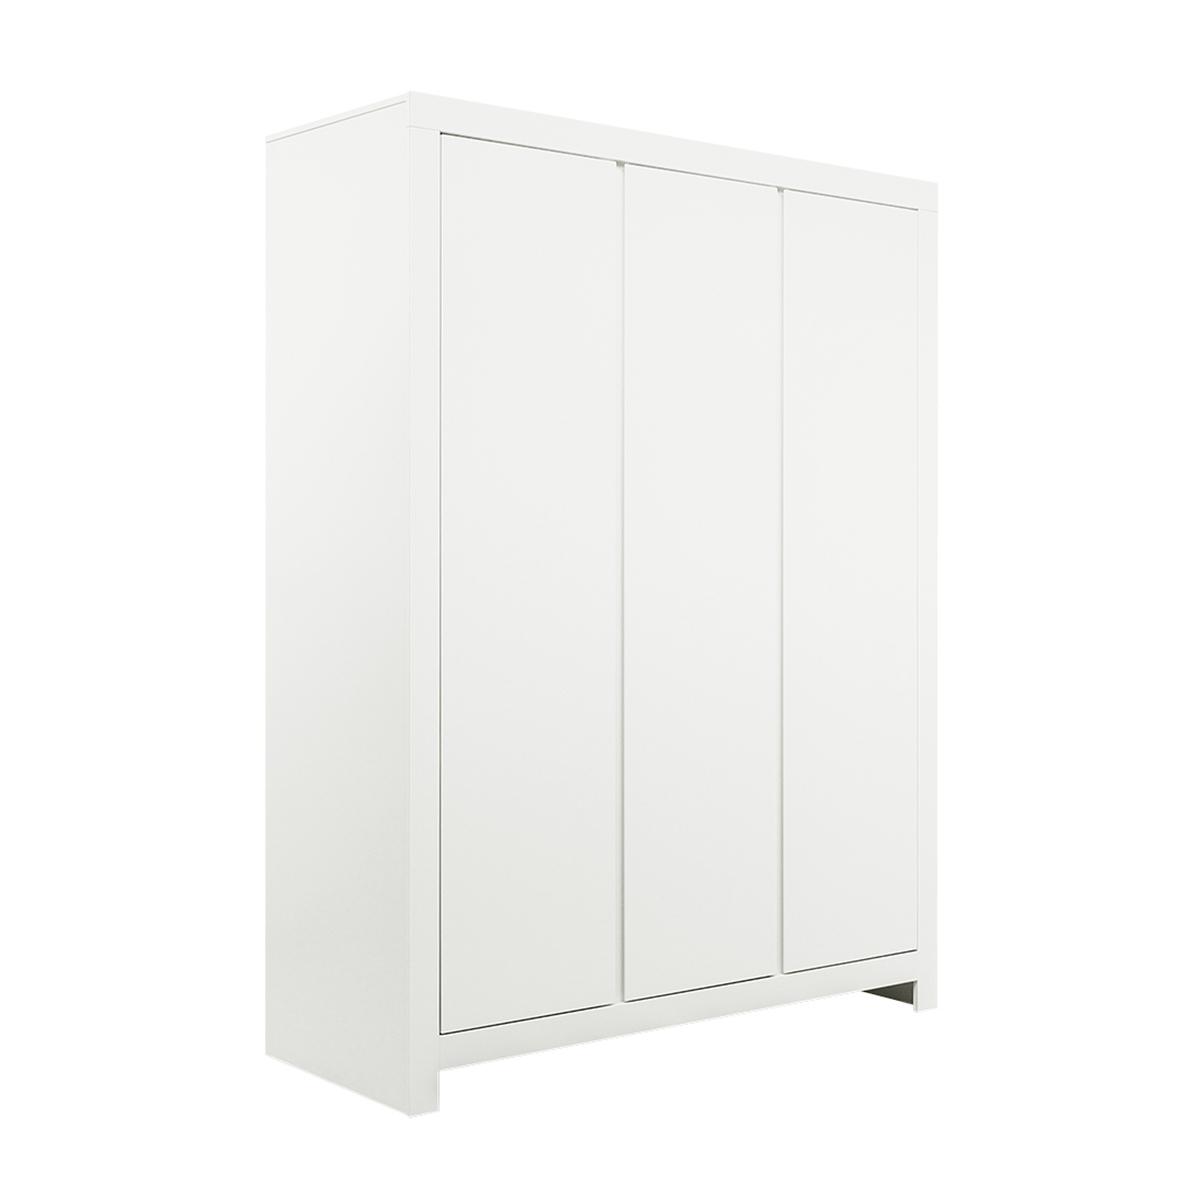 Armoire 3 portes blanc